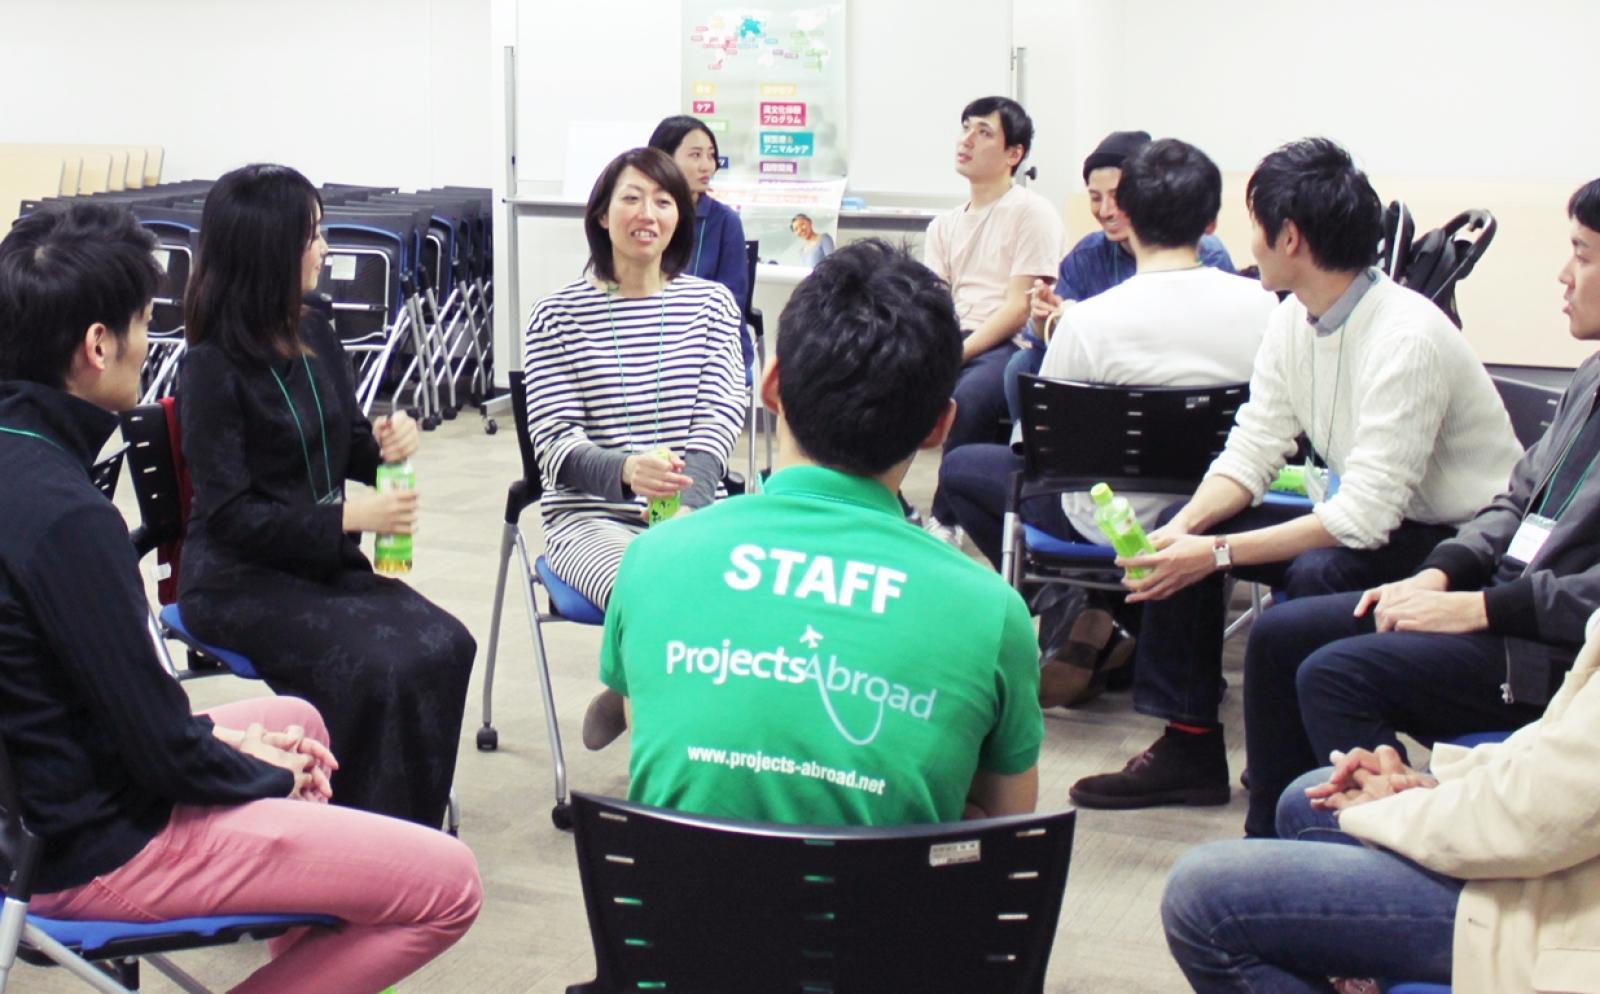 プロジェクトアブロードの日本支店スタッフ